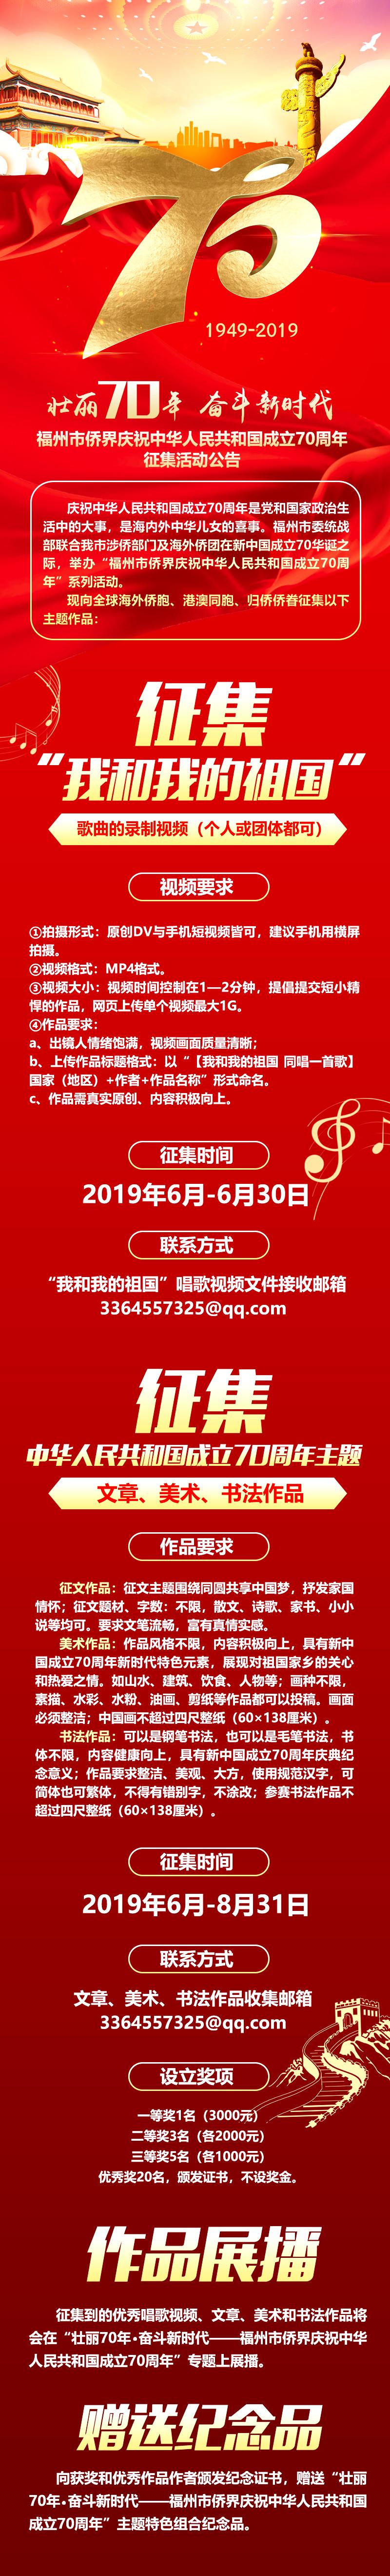 福州侨界征集建国70周年主题作品